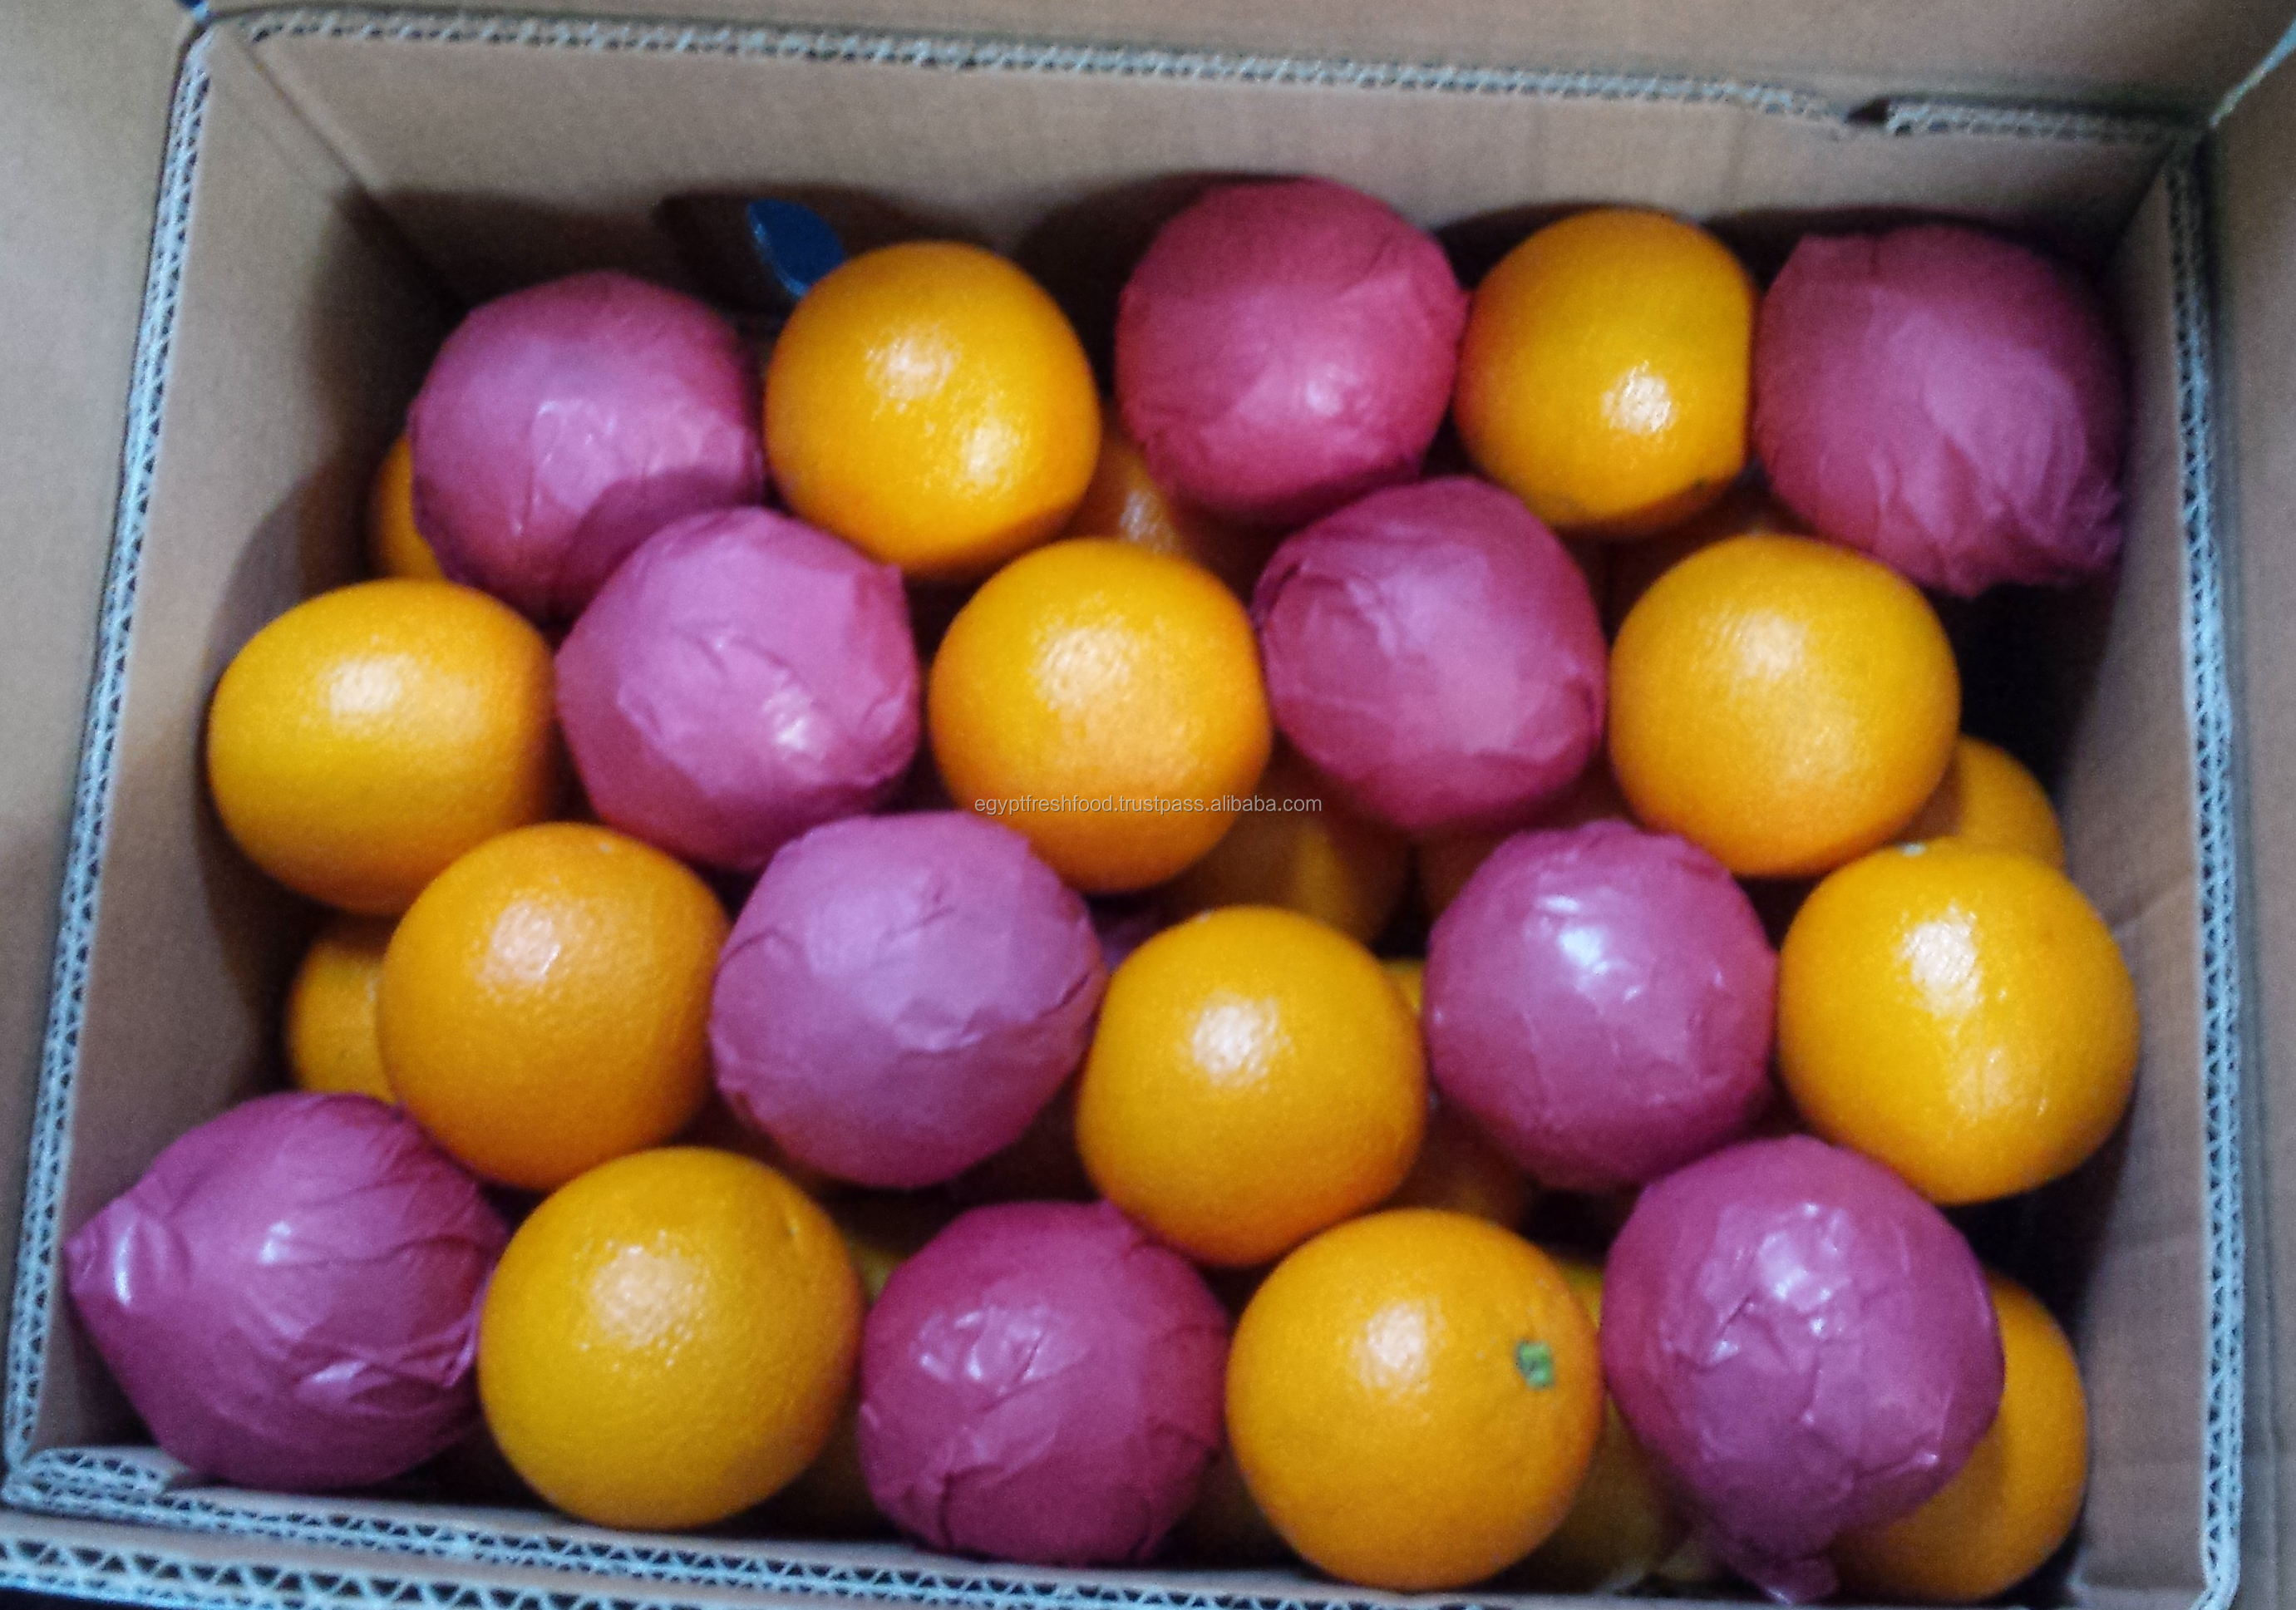 Frische Valencia orange und Mandrin orangen, Citrus aus Ägypten, Bereit zu export saison 2020